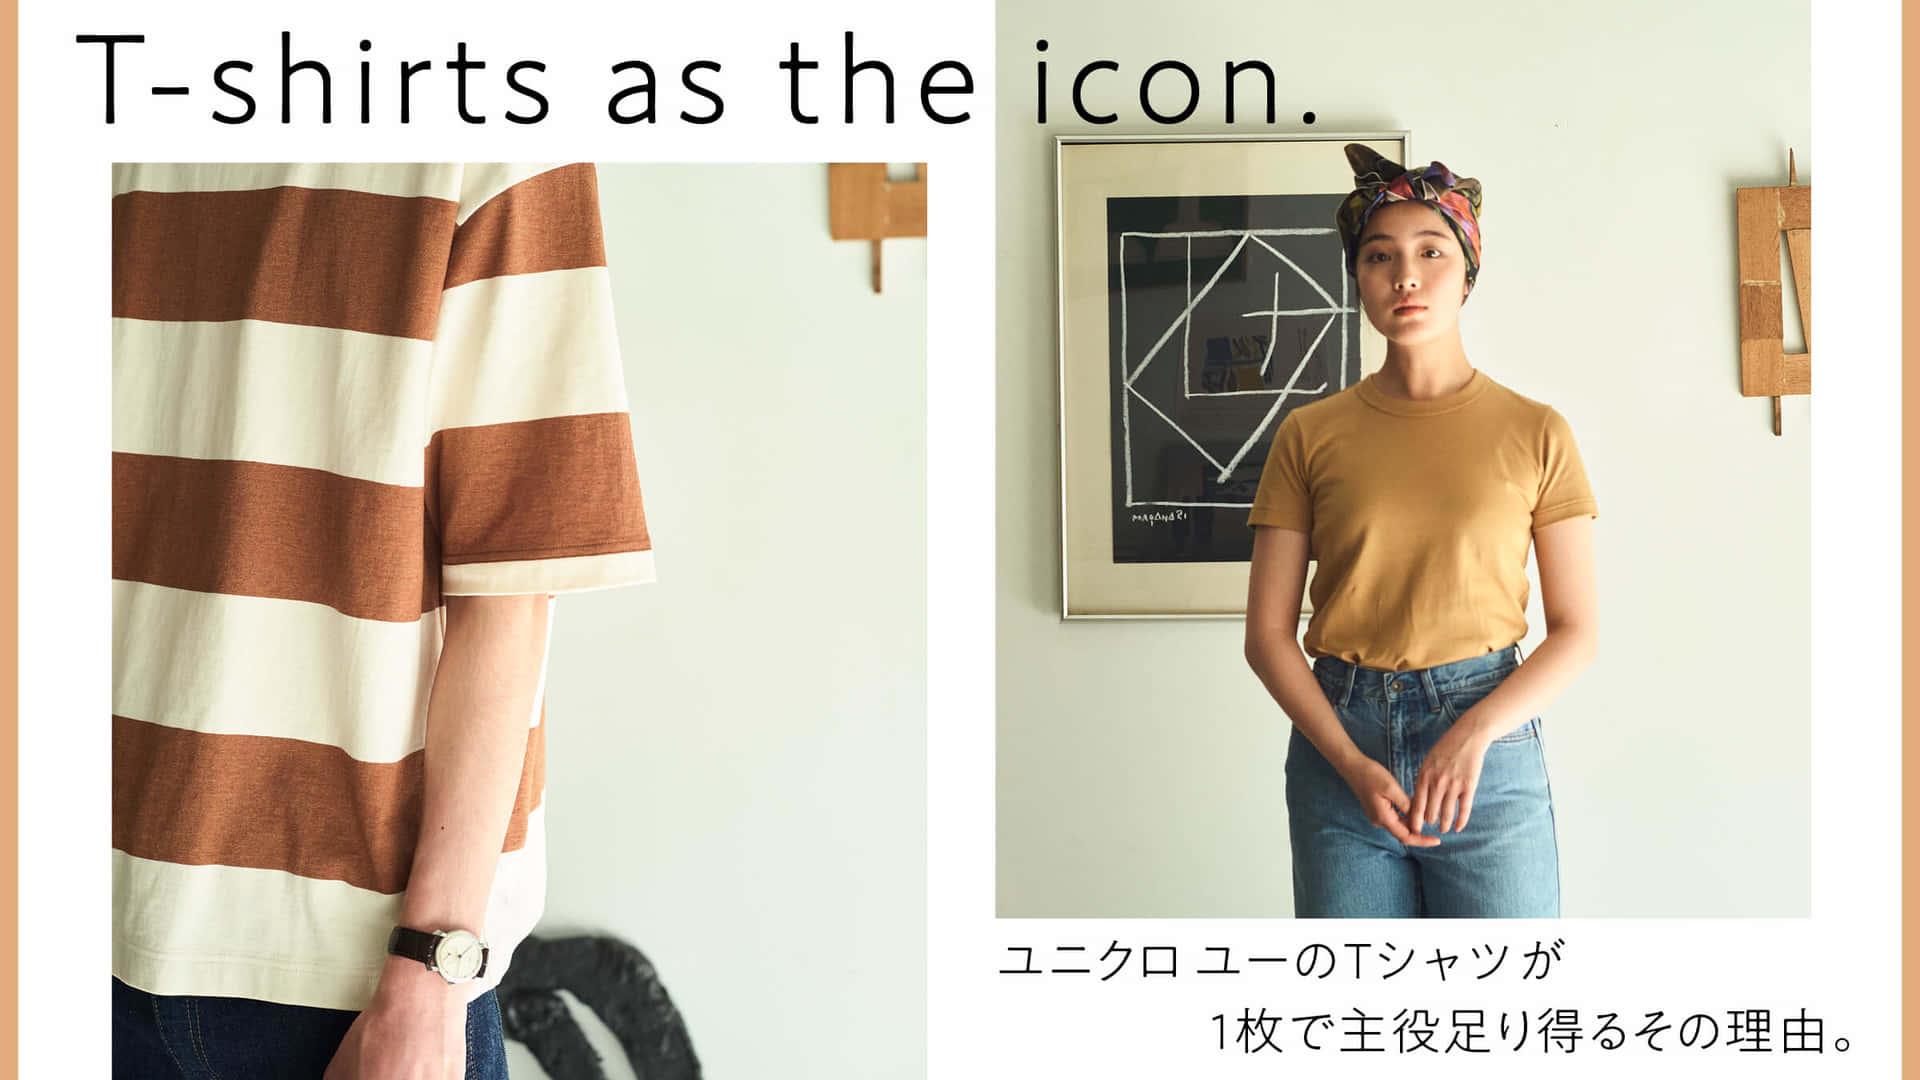 ユニクロ ユーのTシャツが1枚で主役足り得るその理由。